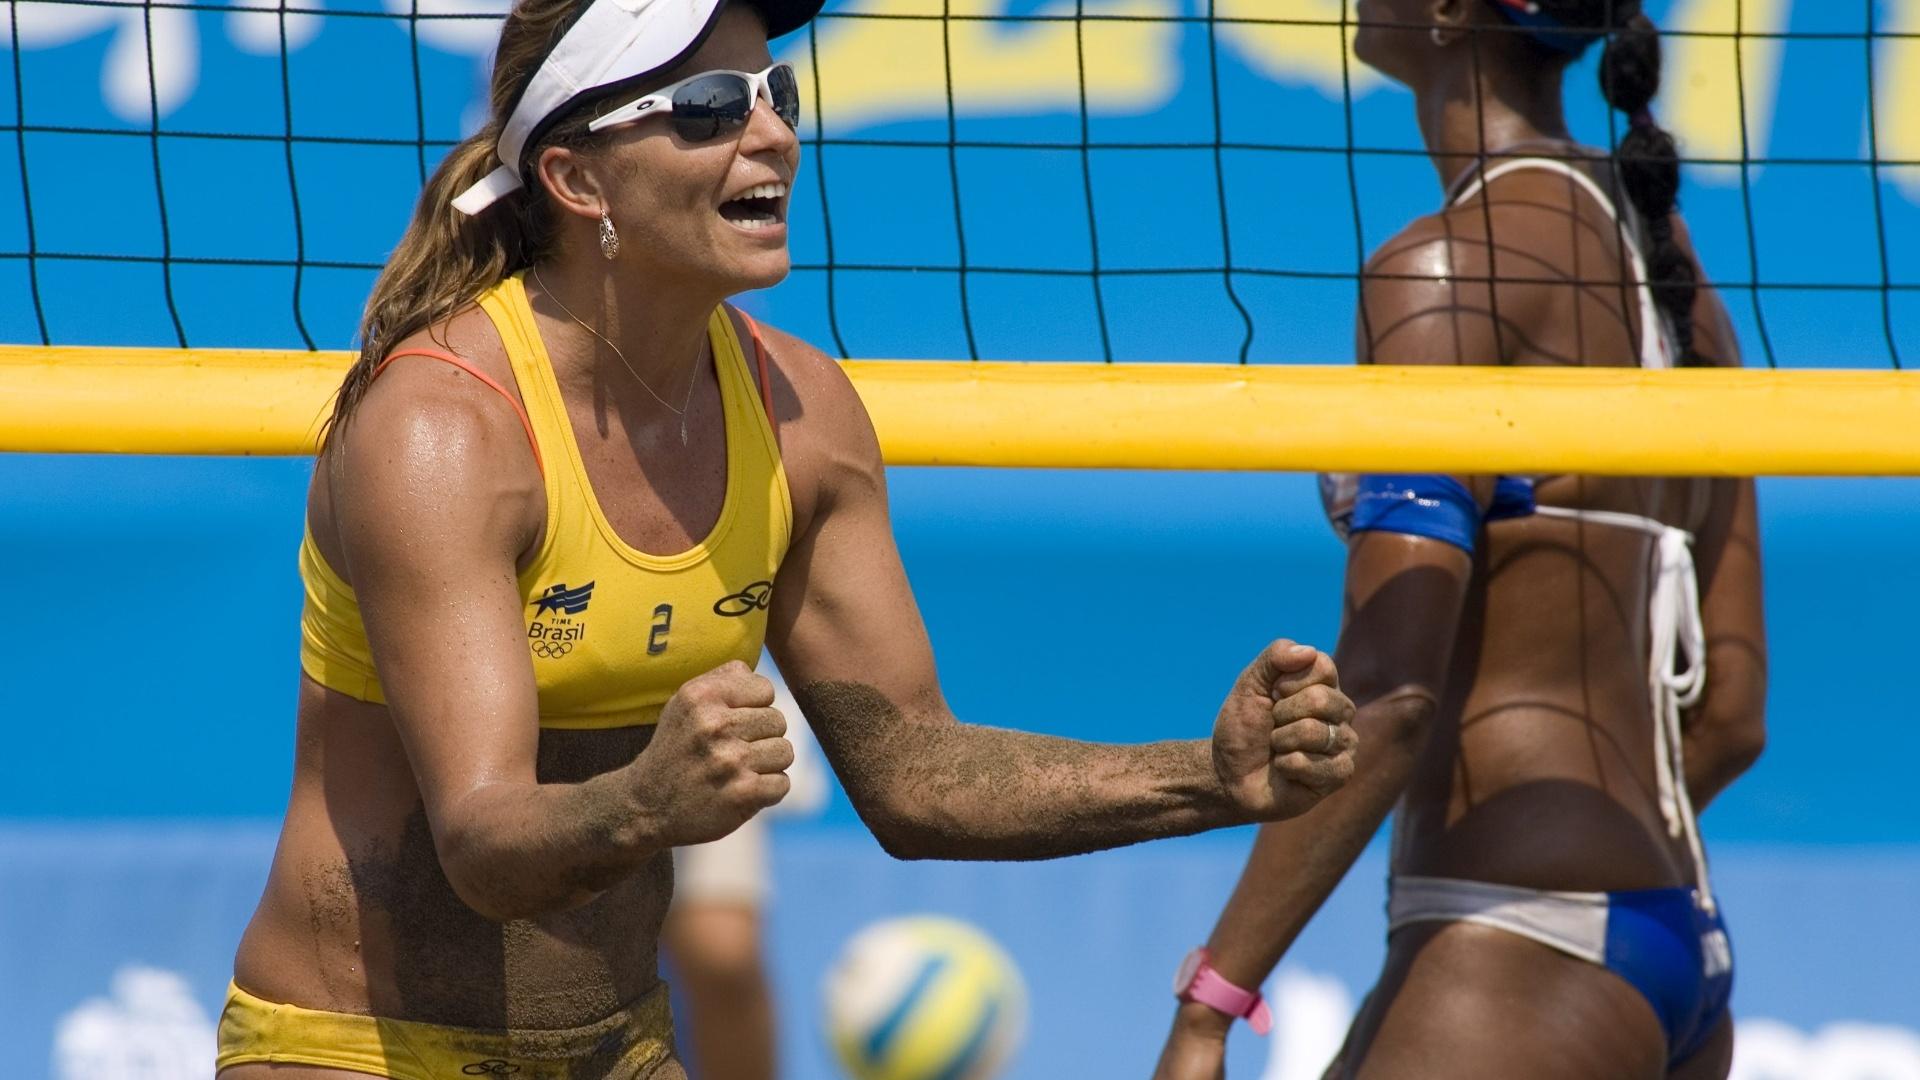 Larissa comemora ponto na vitória ao lado de Juliana sobre a dupla de Porto Rico na semifinal do vôlei de praia no Pan (20/10/2011)